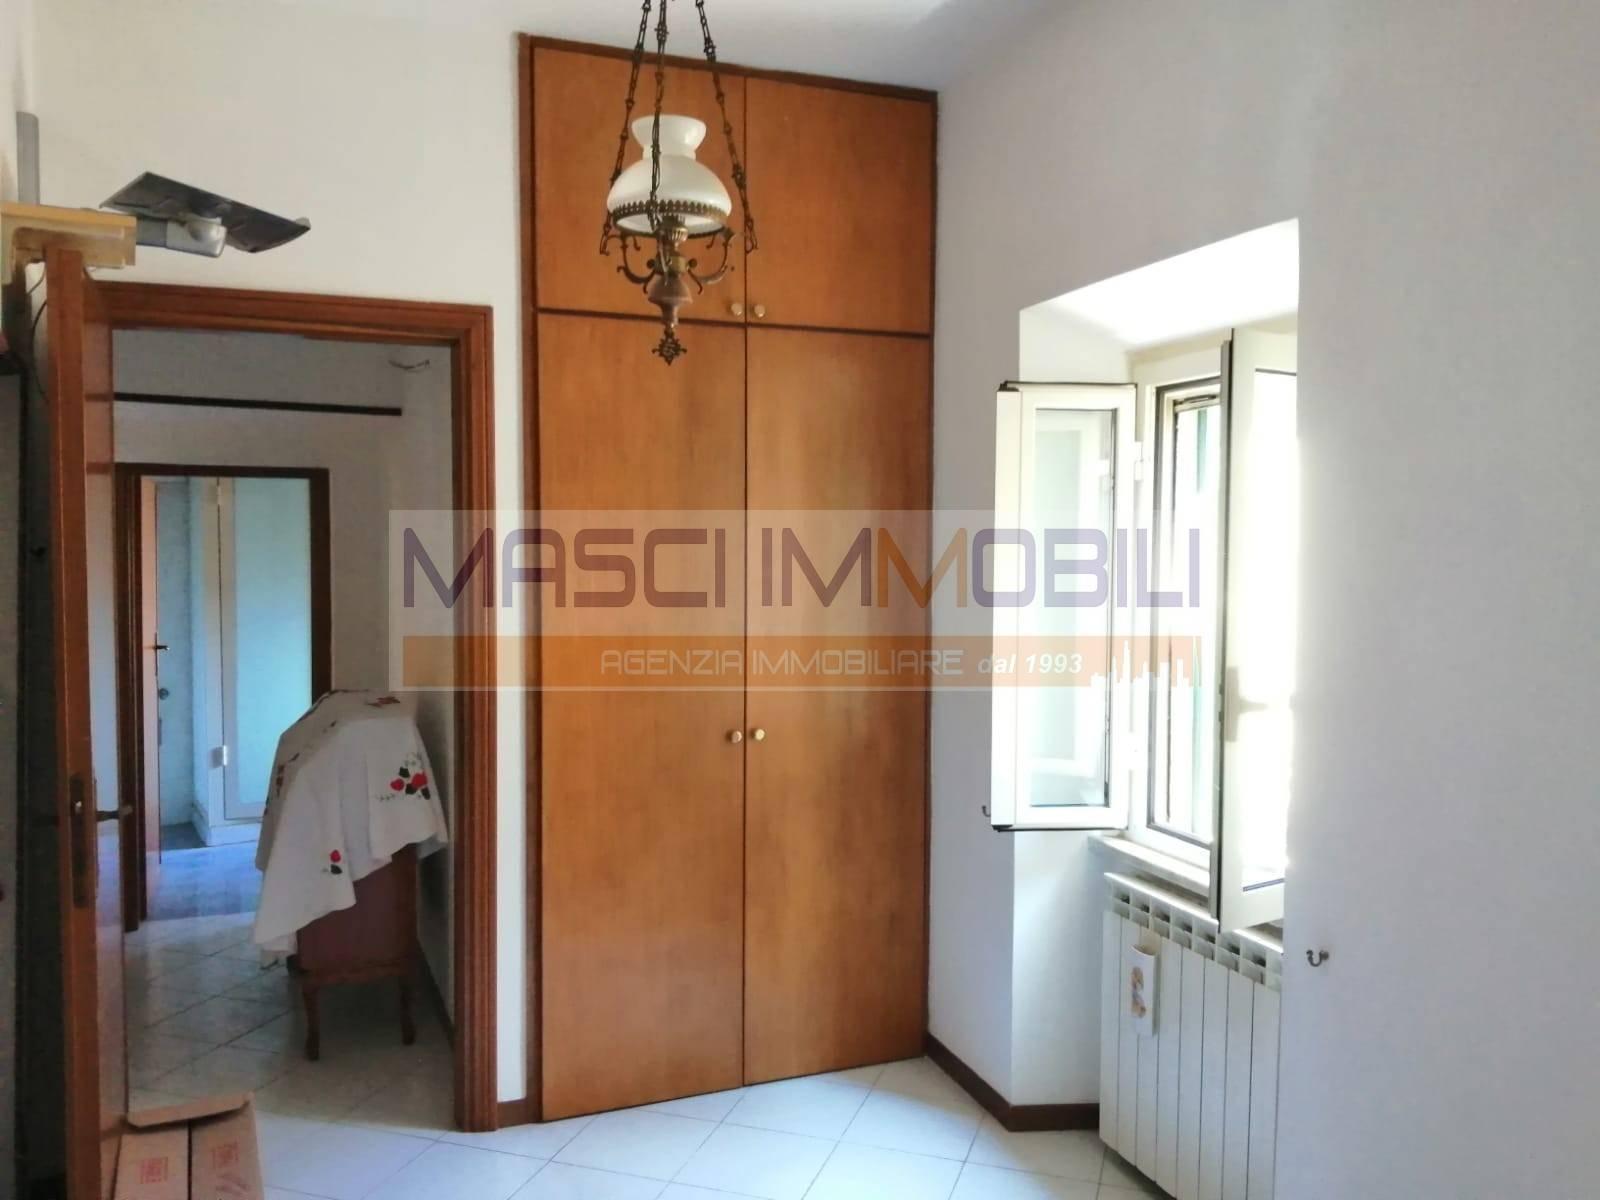 Appartamento in vendita a Civitella San Paolo, 3 locali, prezzo € 27.000   CambioCasa.it